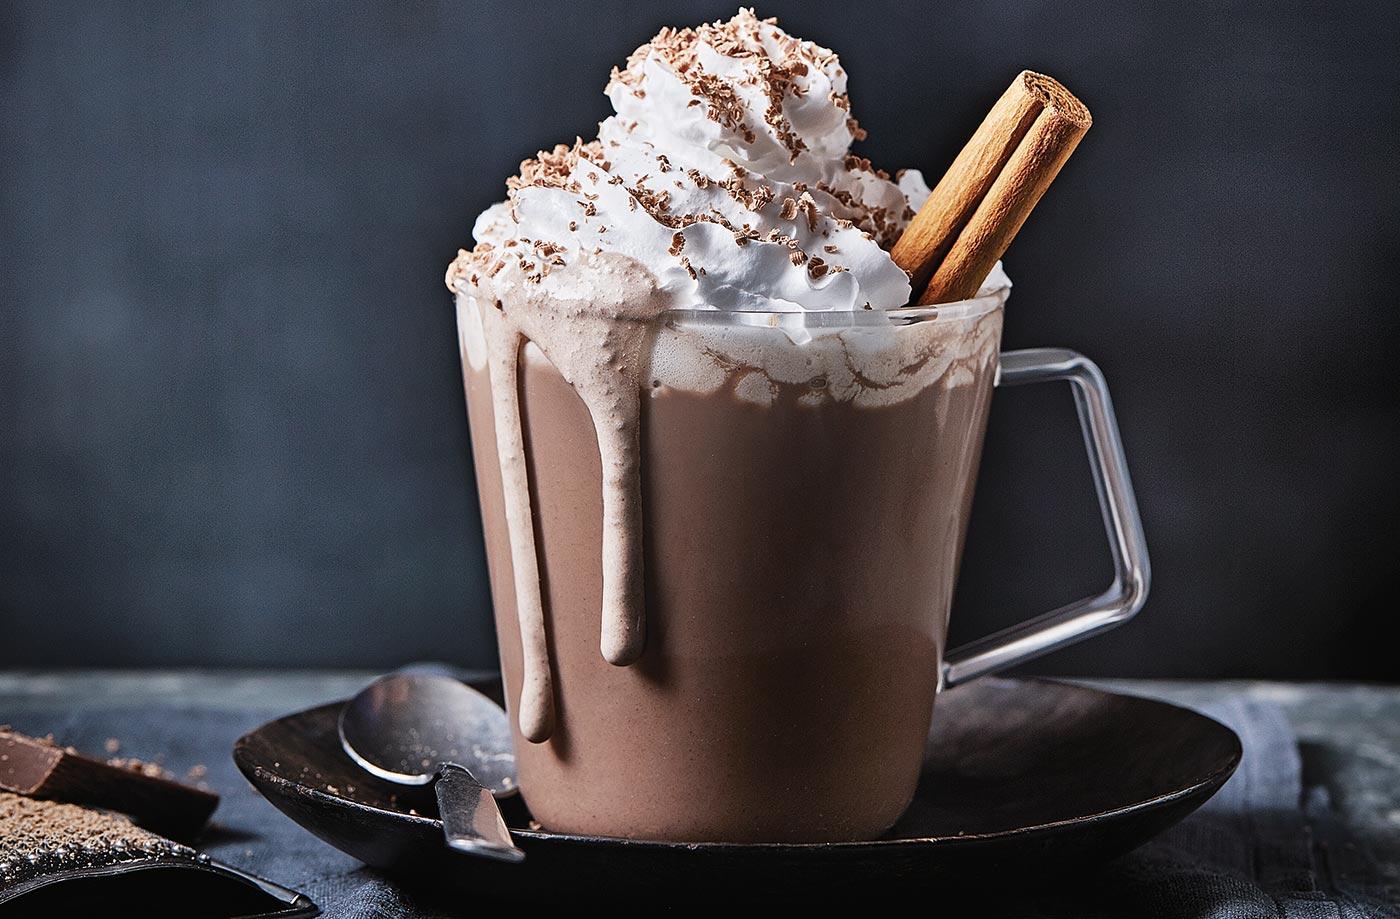 با پودر کاکائو چه نوشیدنی می توان درست کرد